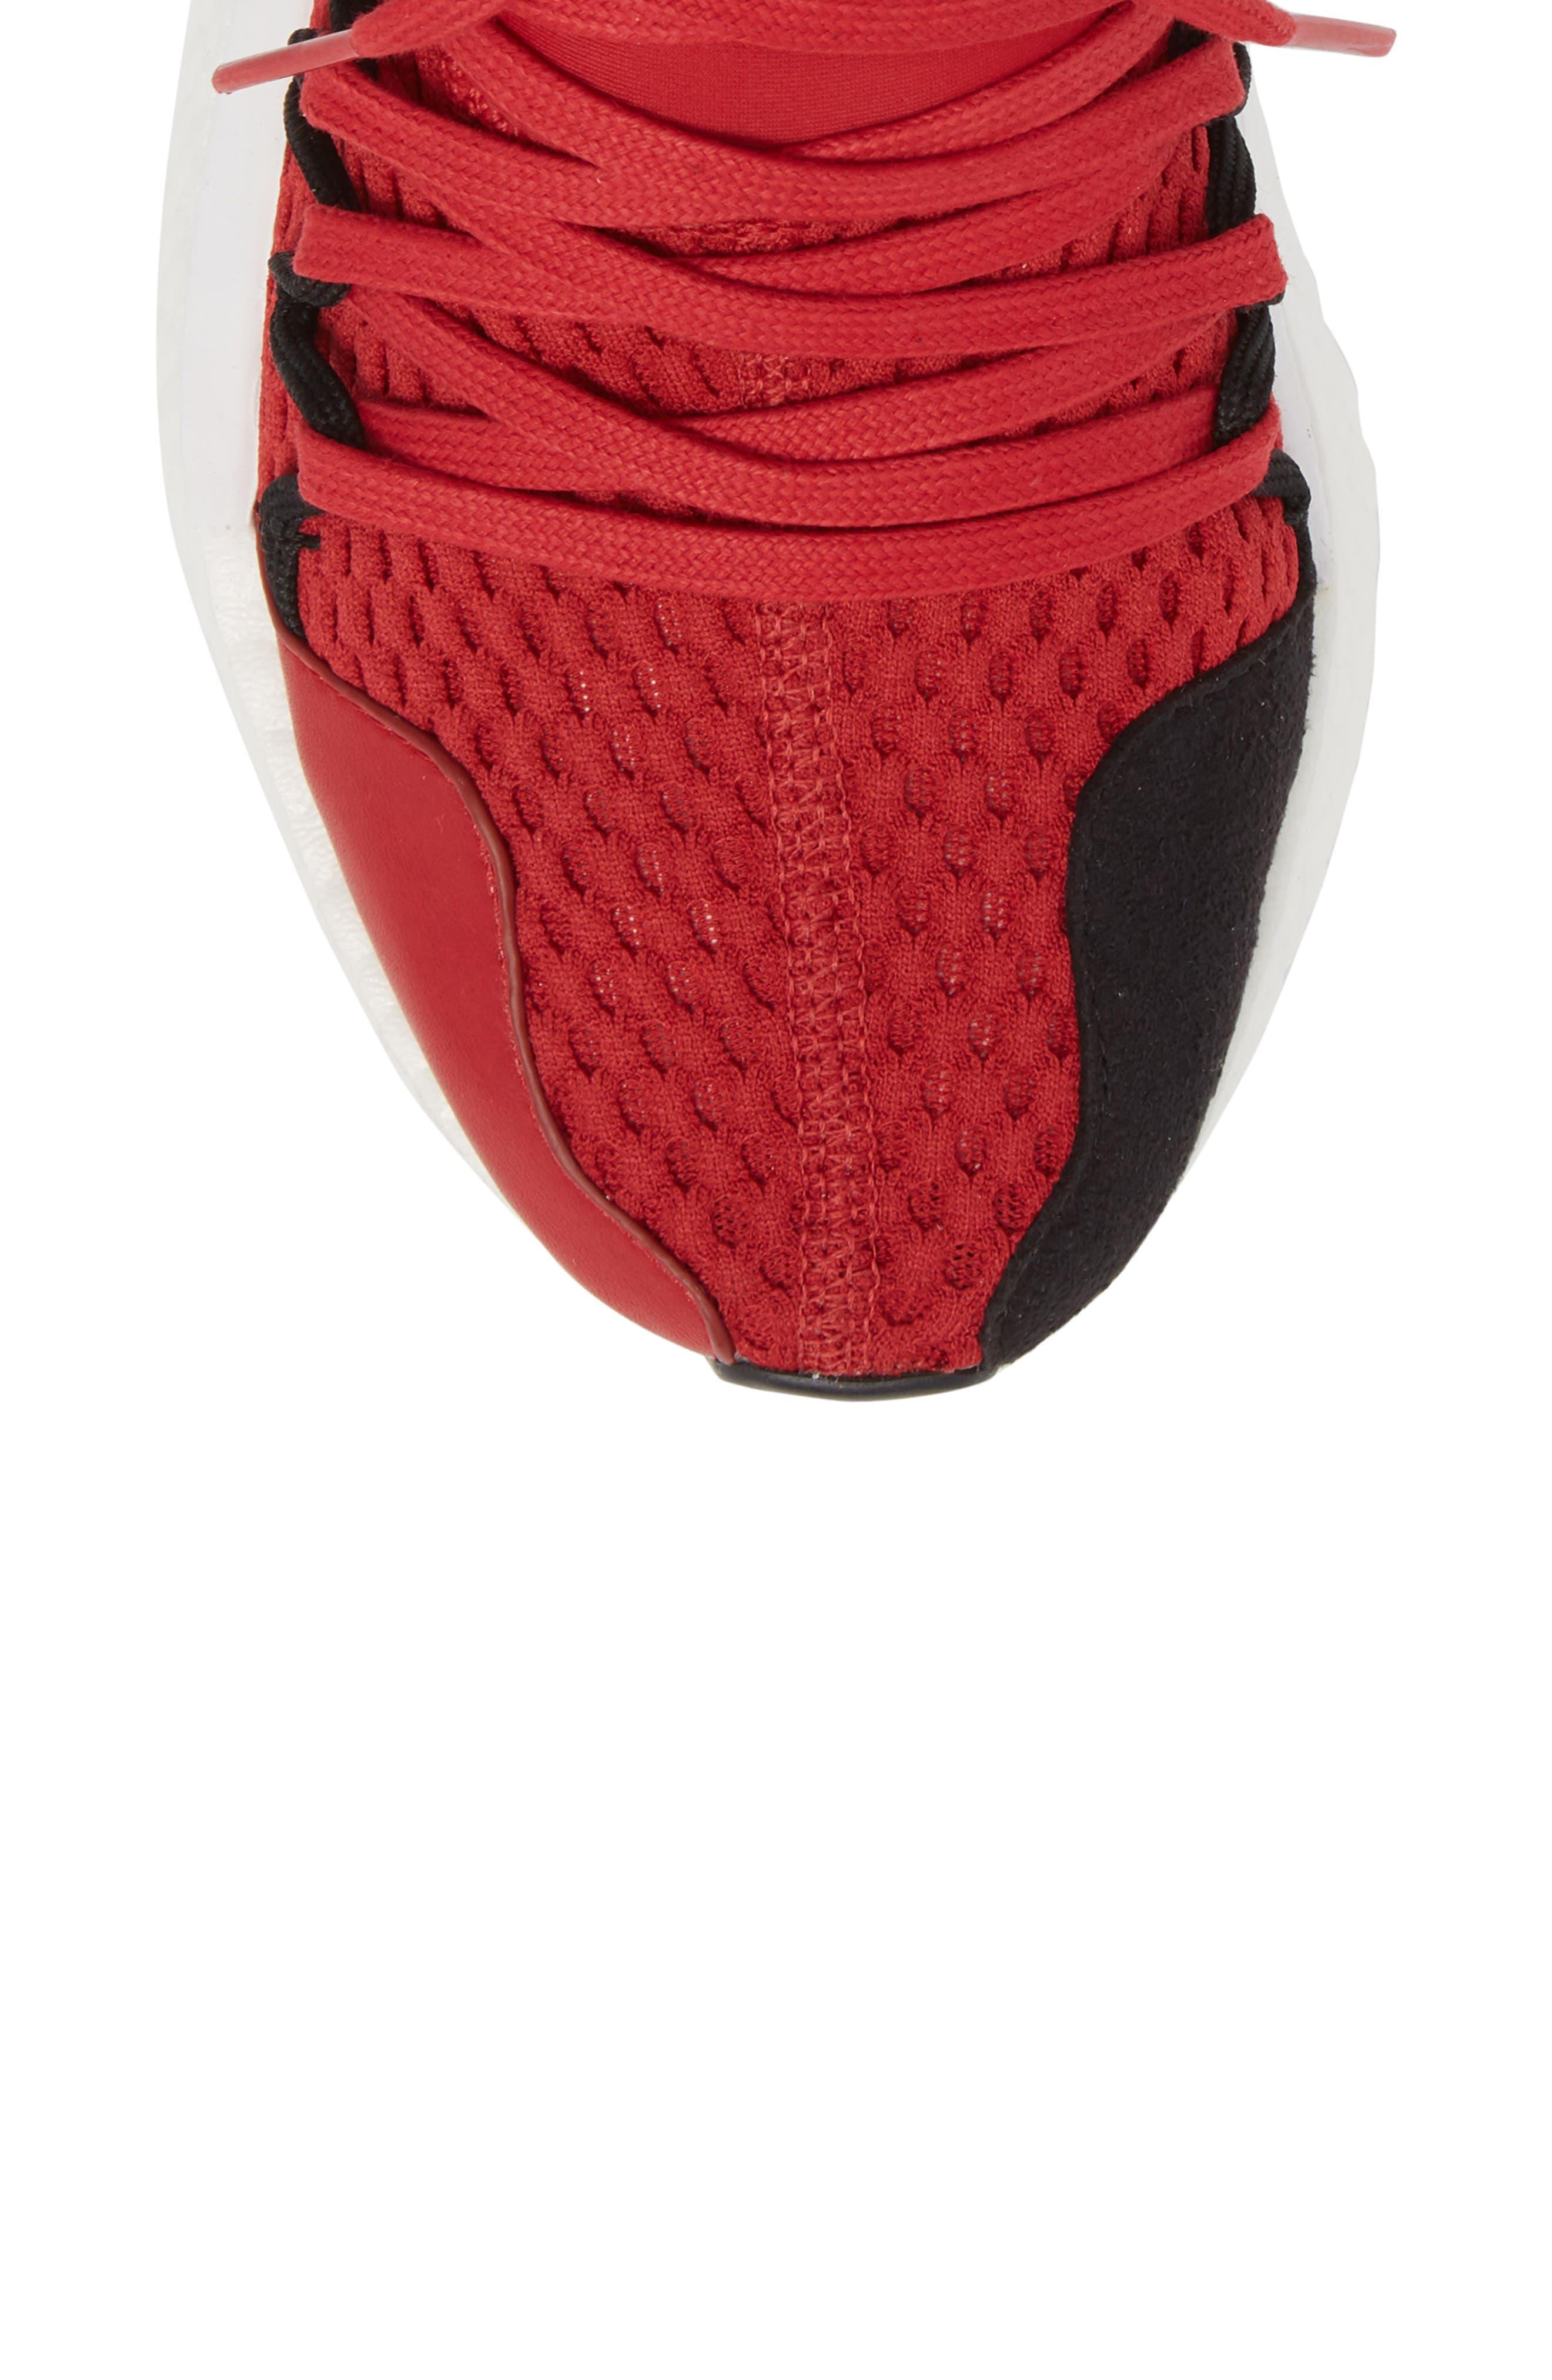 Kusari Sneaker,                             Alternate thumbnail 5, color,